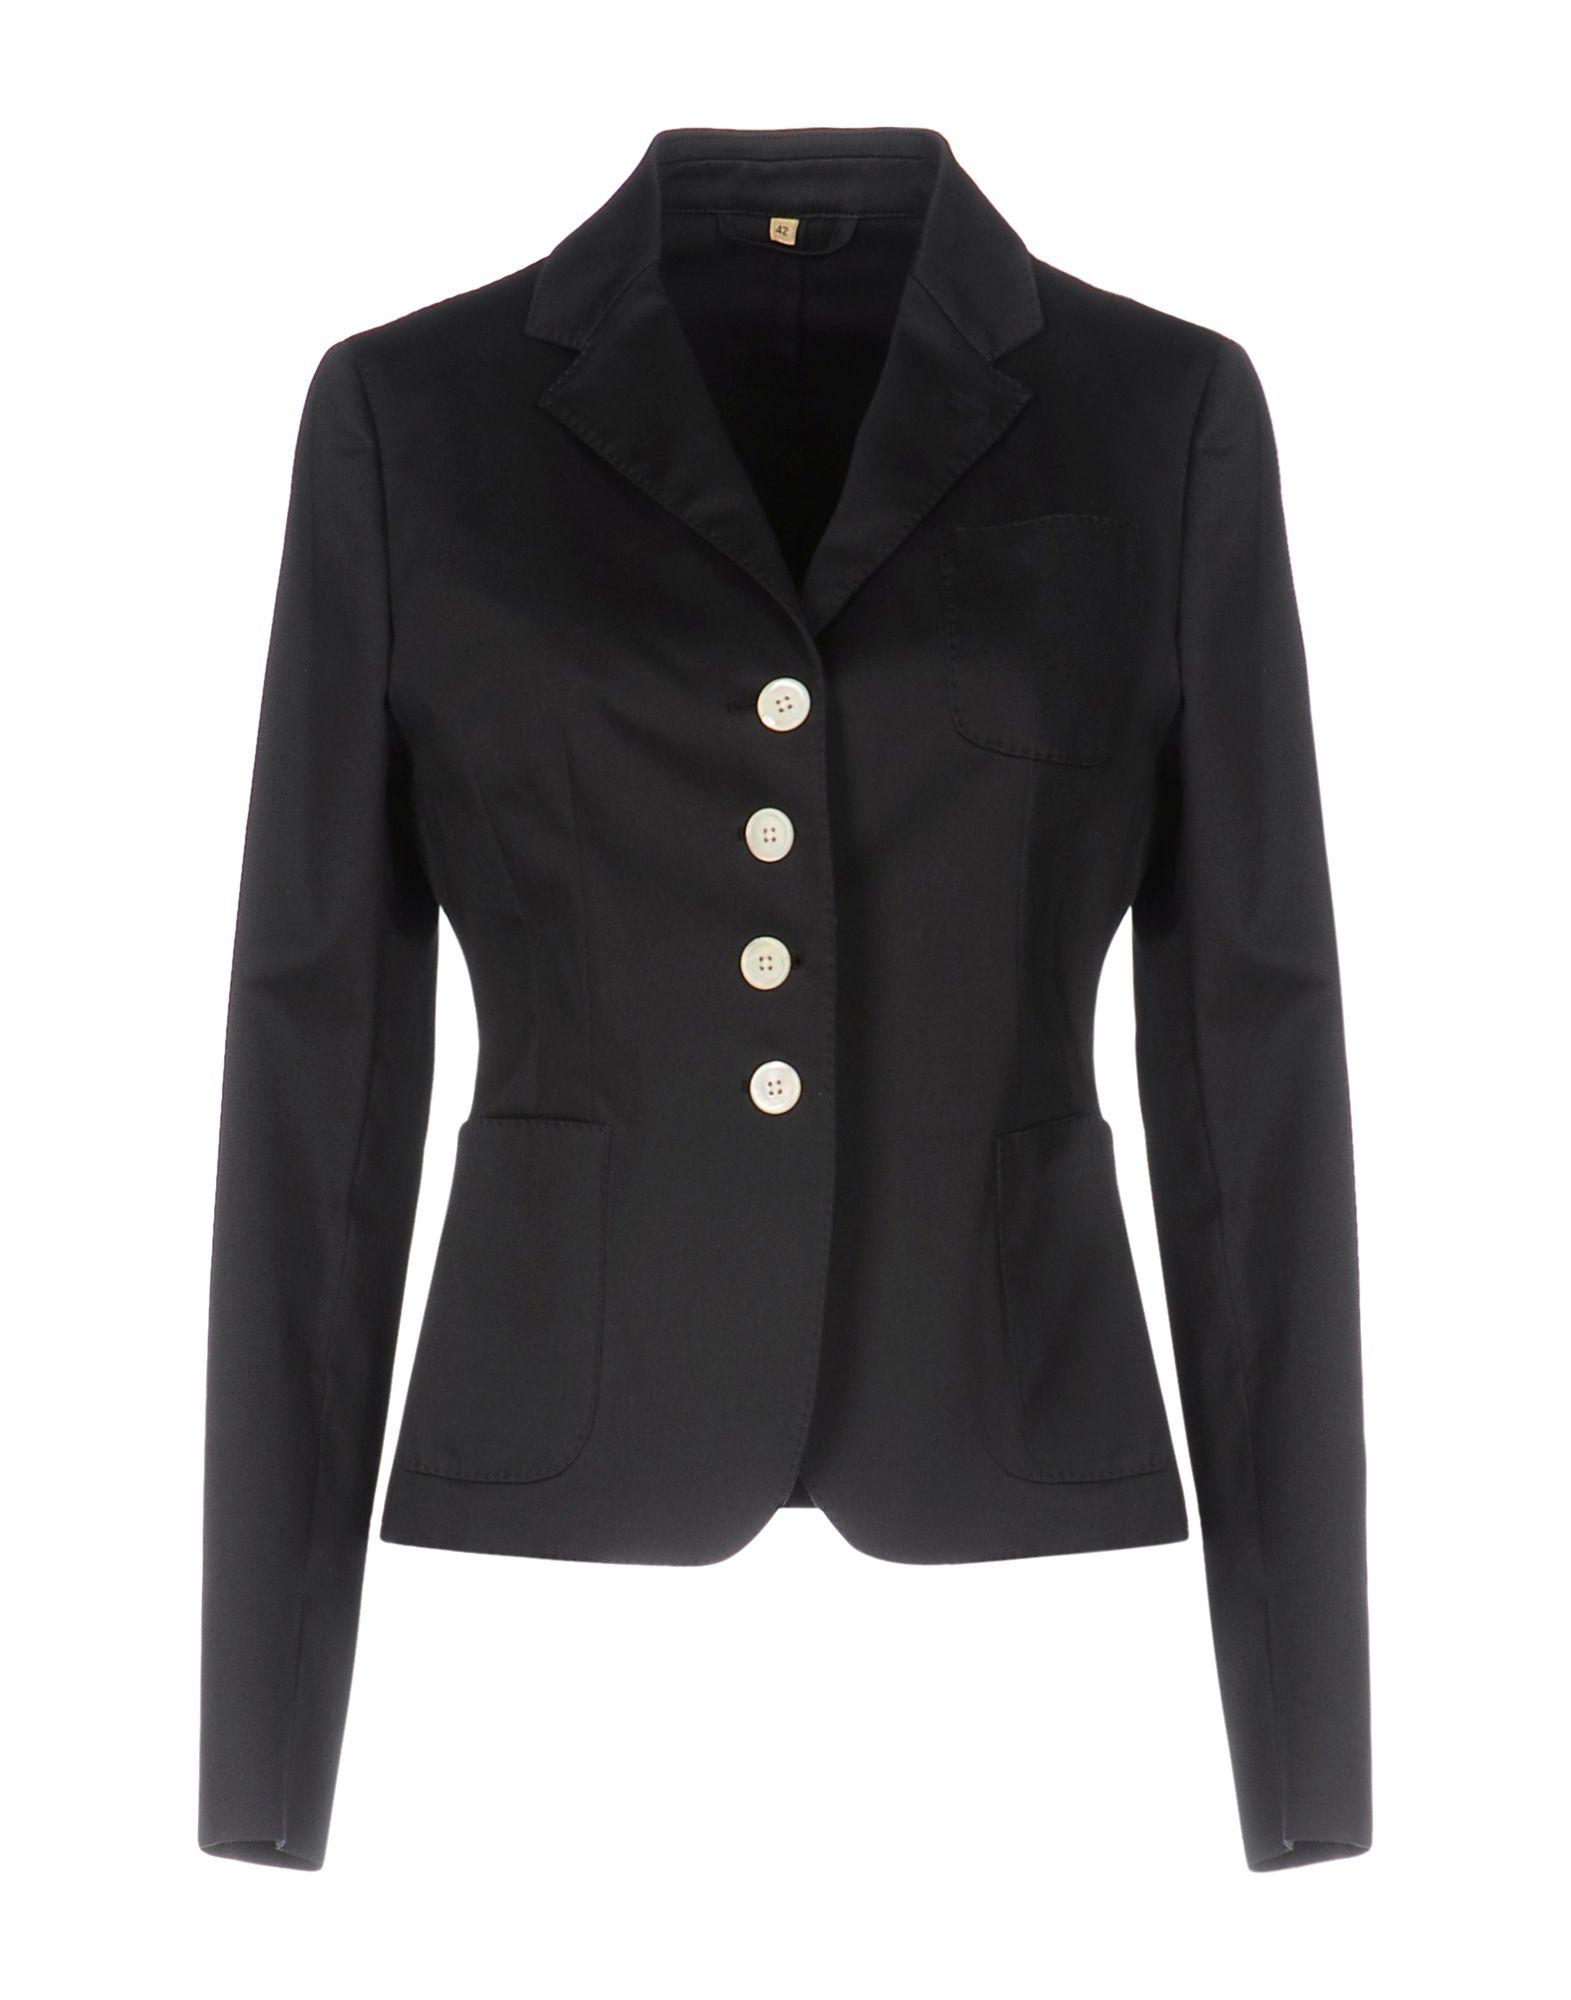 FAY Damen Jackett Farbe Schwarz Größe 4